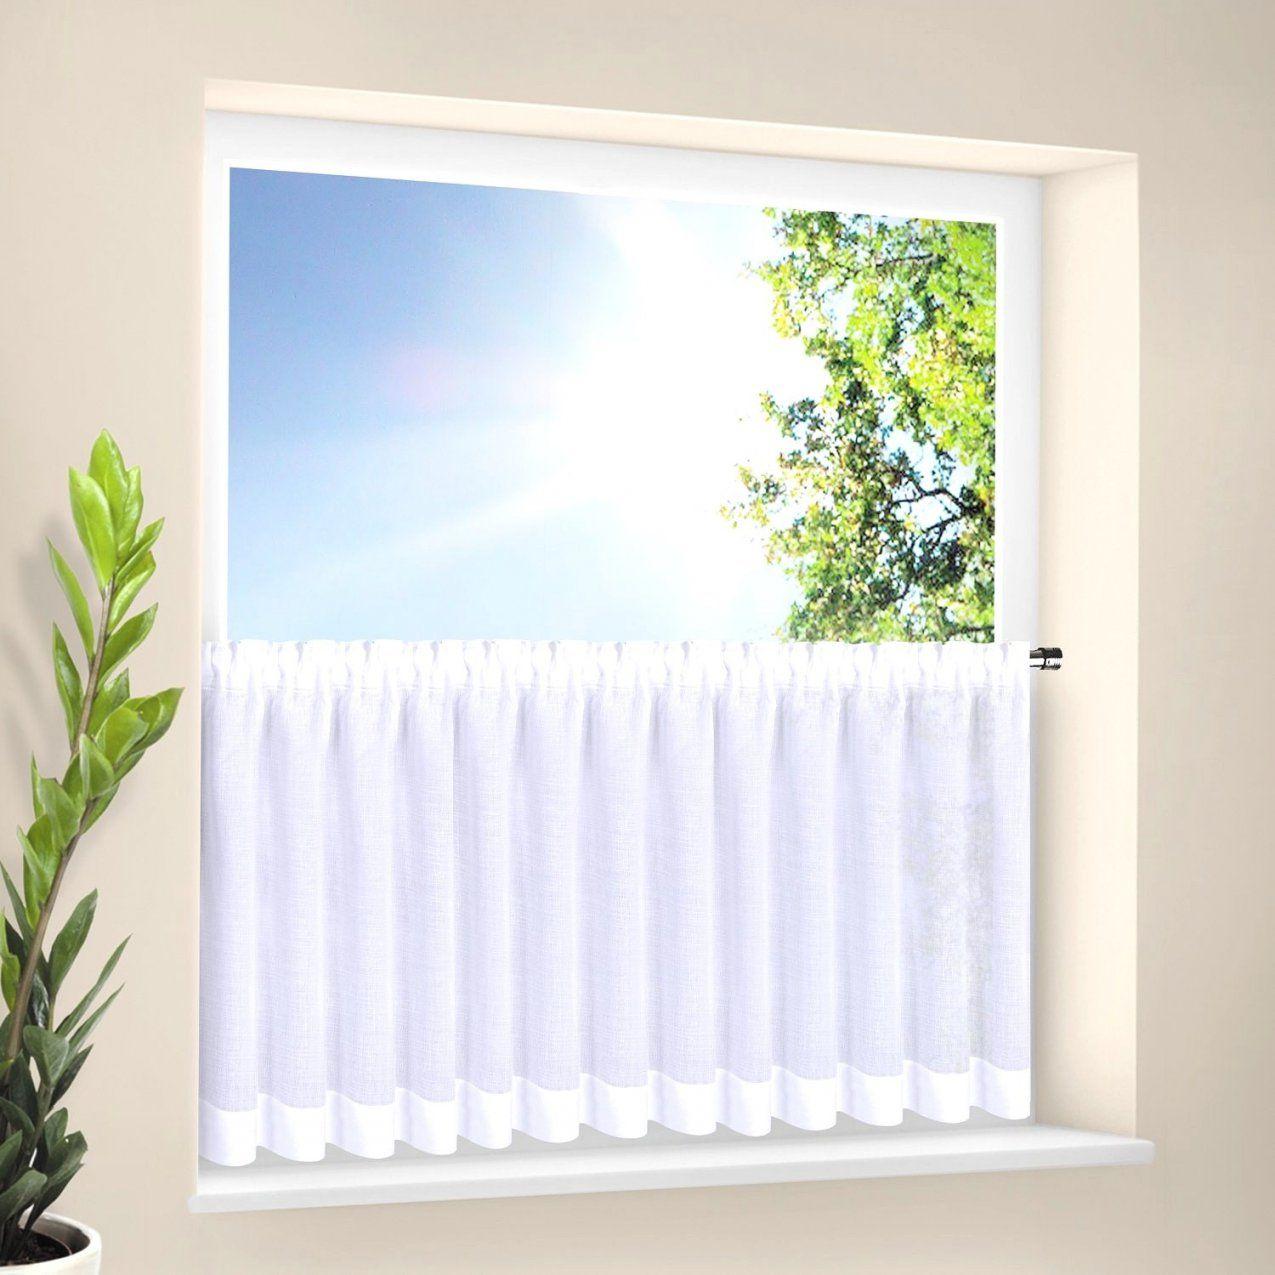 Gardinen Atemberaubend Gardinen Direkt Am Fenster Befestigen von Vorhang Befestigen Ohne Bohren Photo